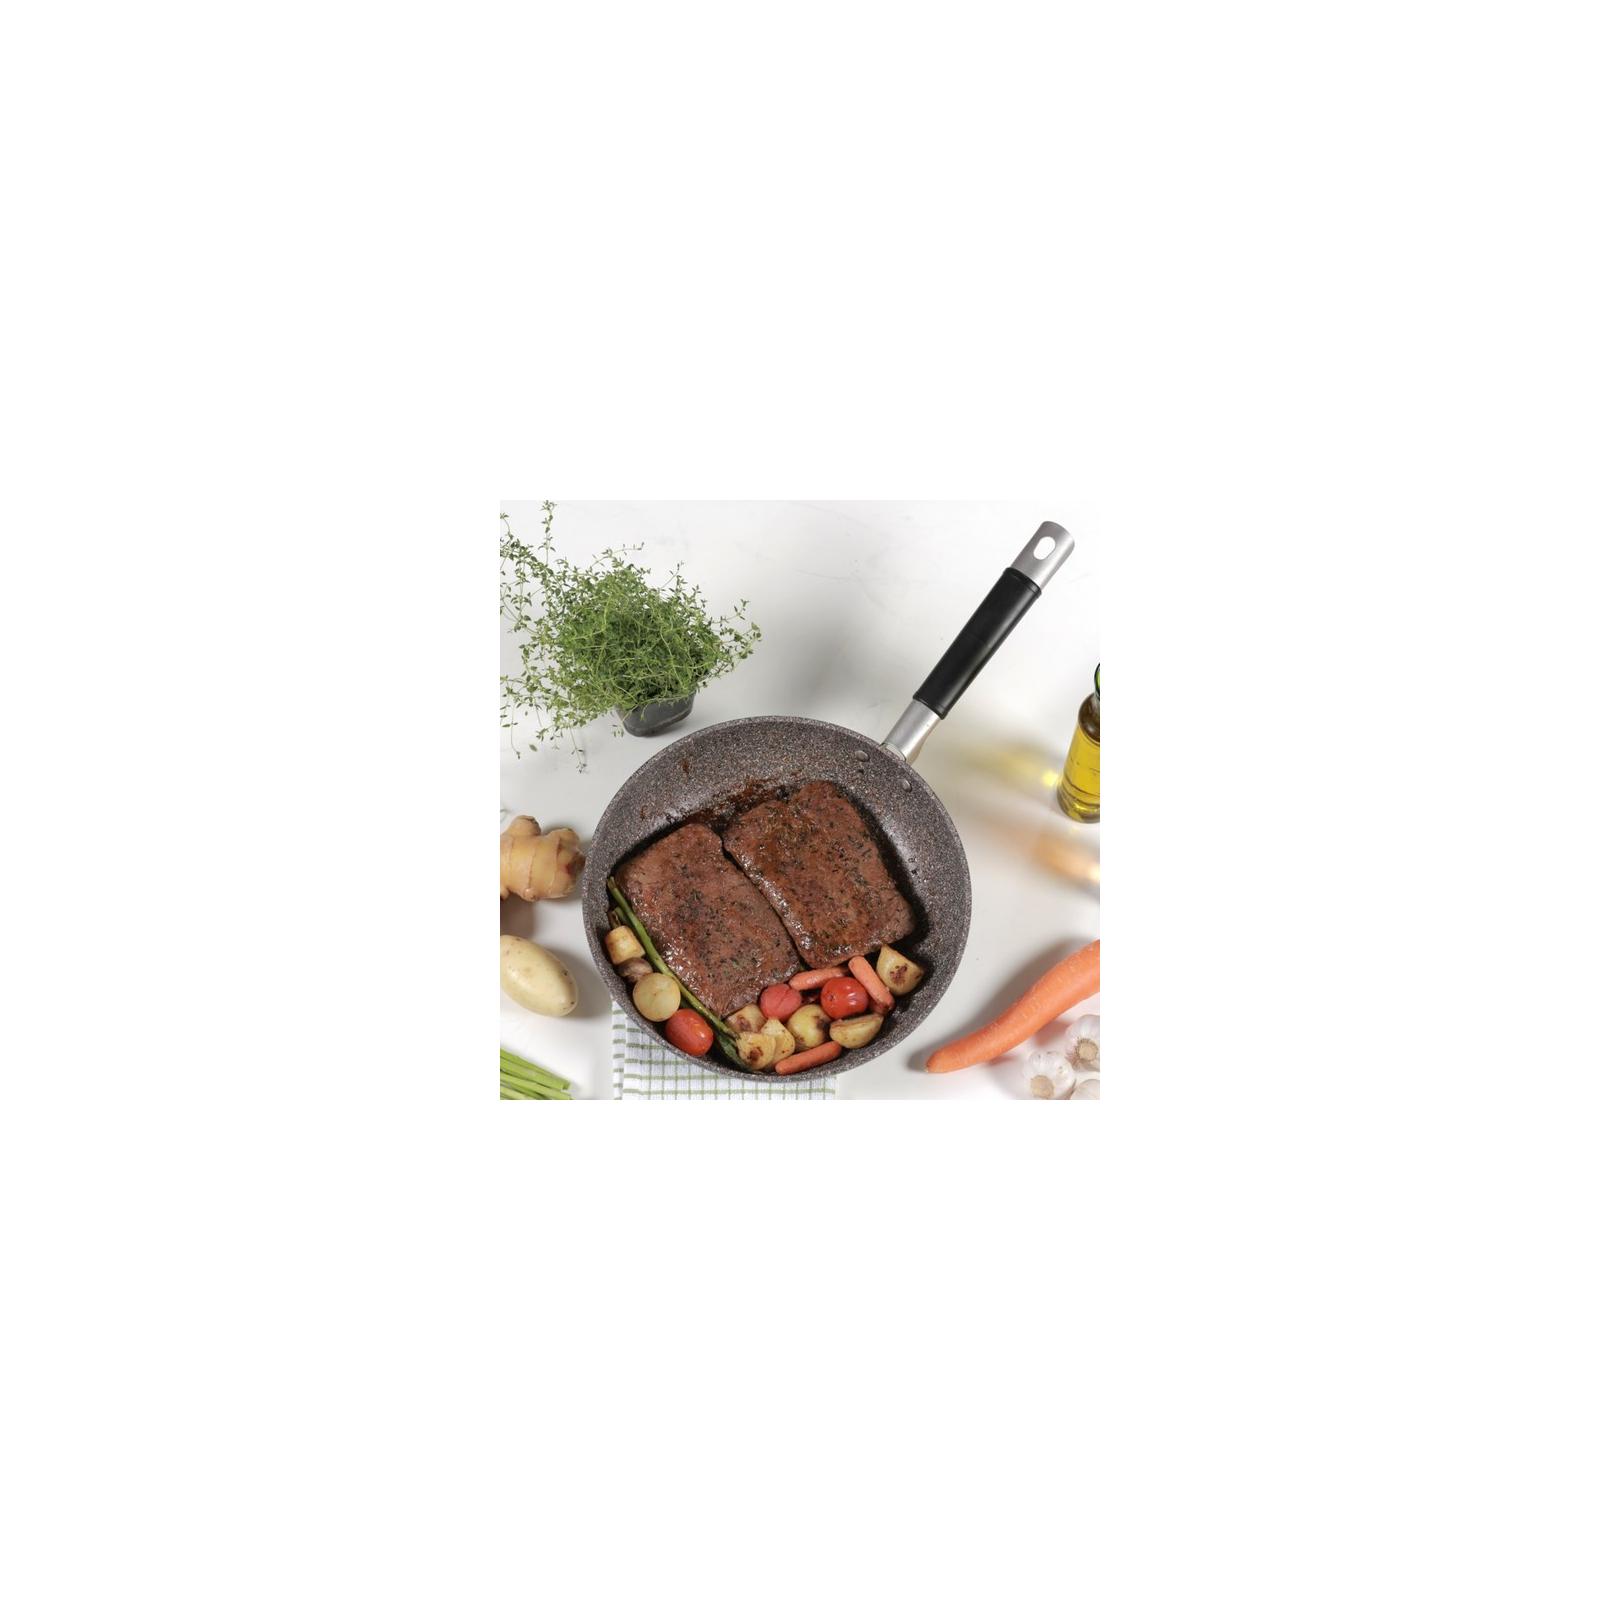 Сковорода TVS Grand Gurmet Wok 28 см (BJ793283220002) изображение 2